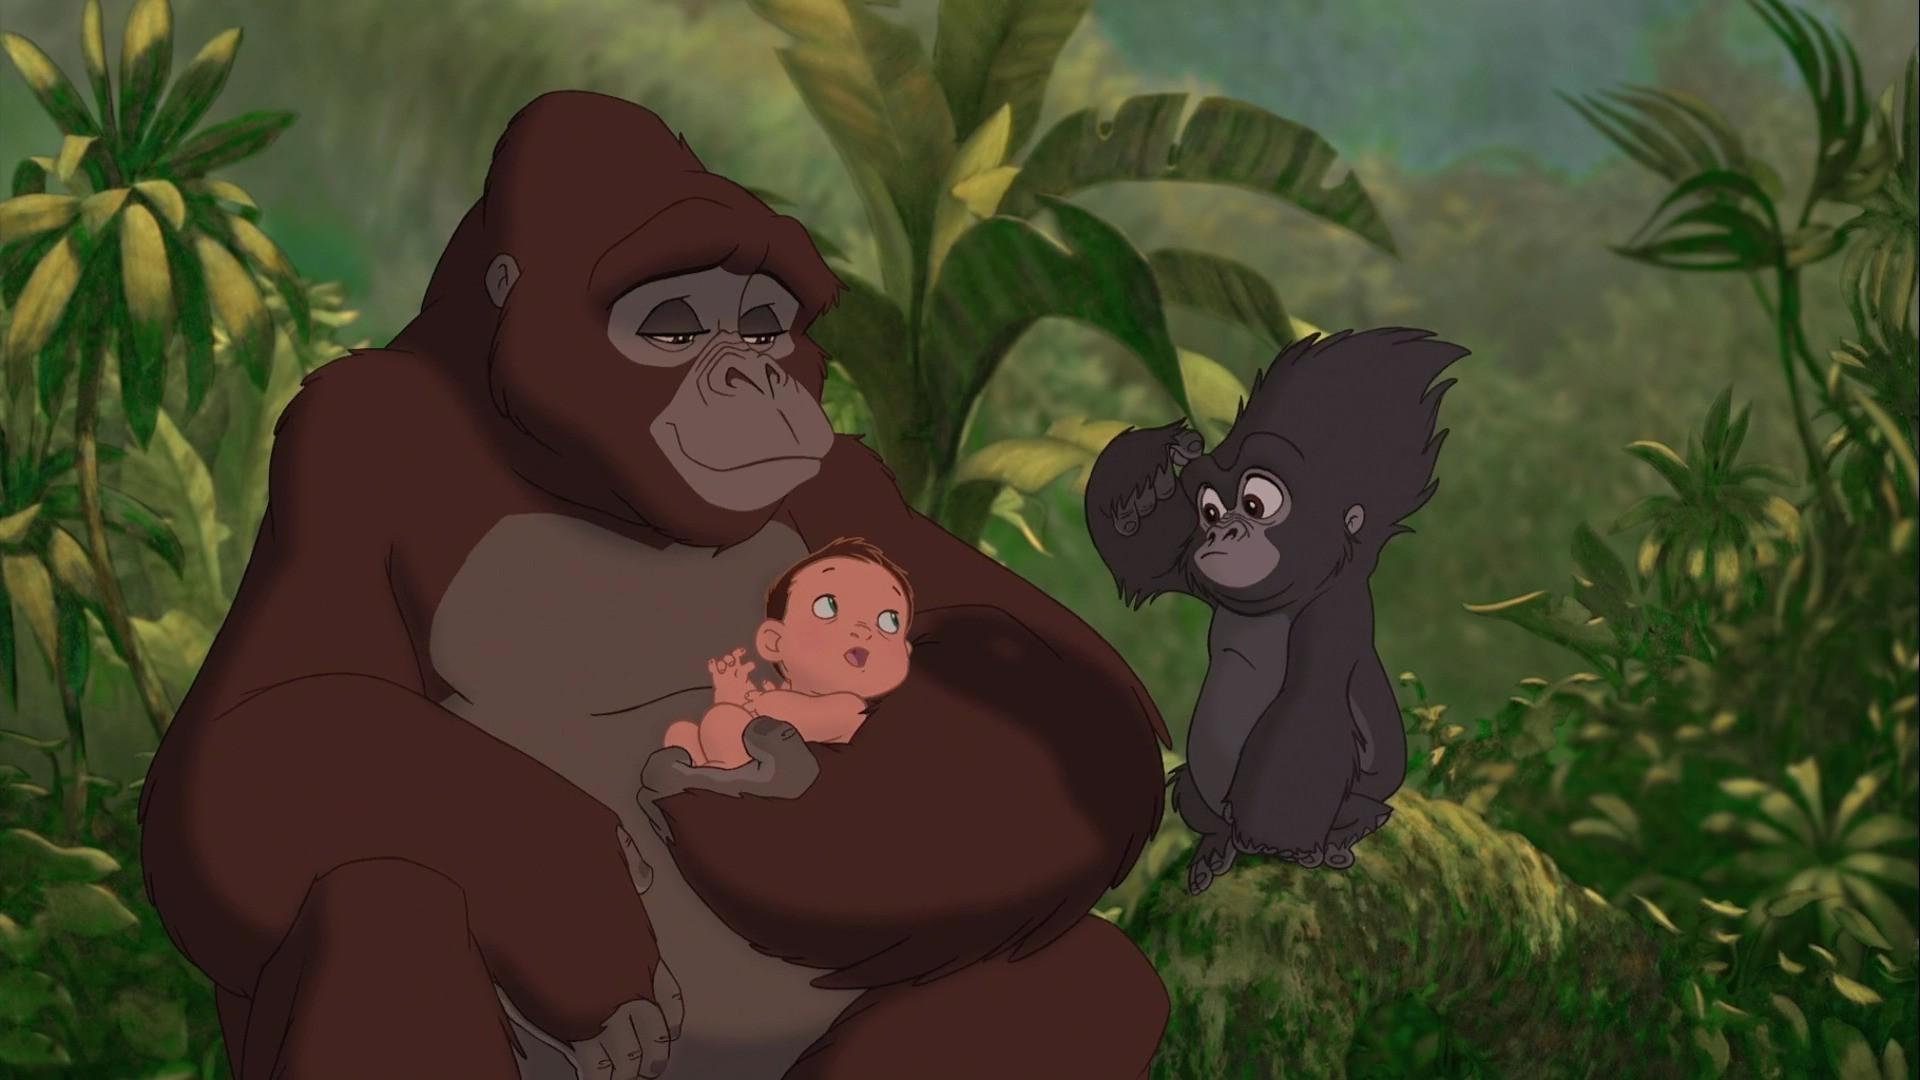 полянки картинки горилл из тарзана человек